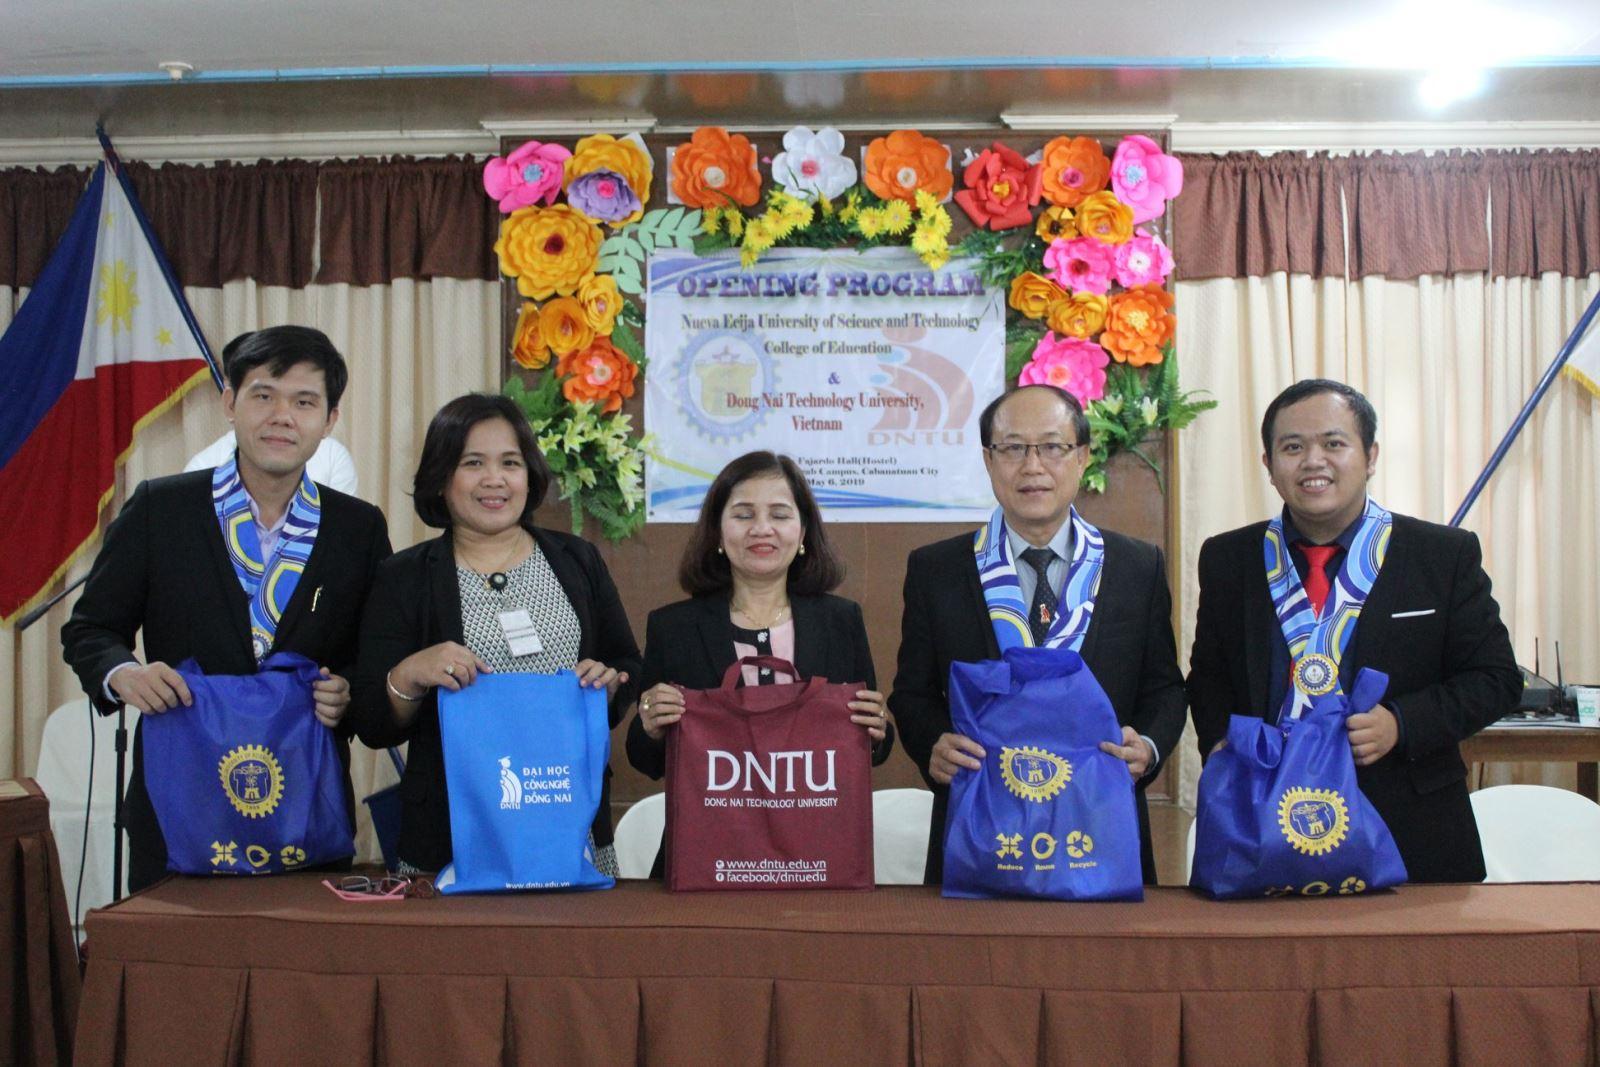 Sinh viên Ngôn ngữ Anh DNTU thực tập tốt nghiệp tại Khoa Giáo dục, Trường Đại học Khoa học & Công nghệ NEUST, Philippines